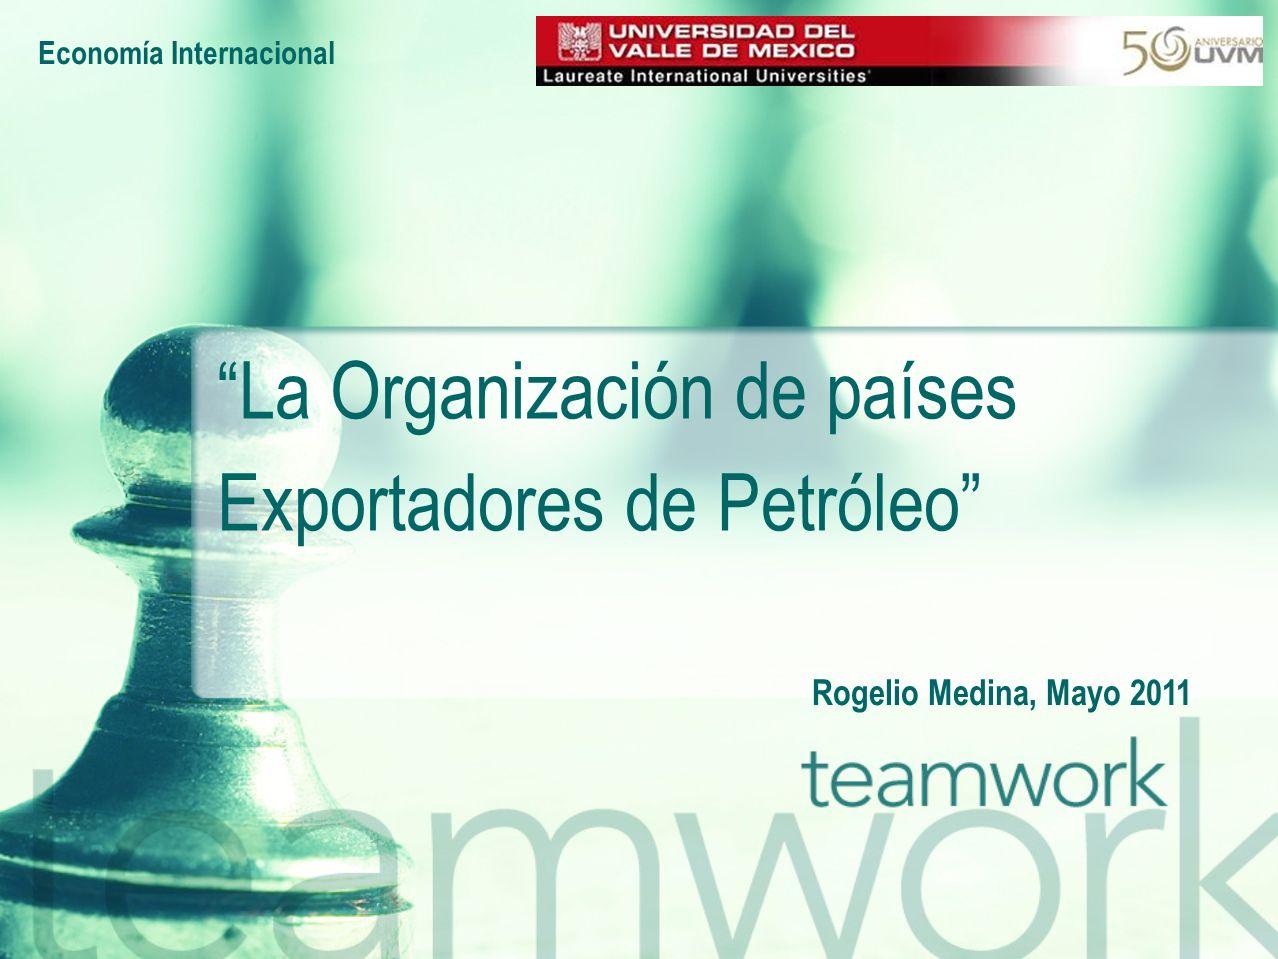 La Organización de países Exportadores de Petróleo